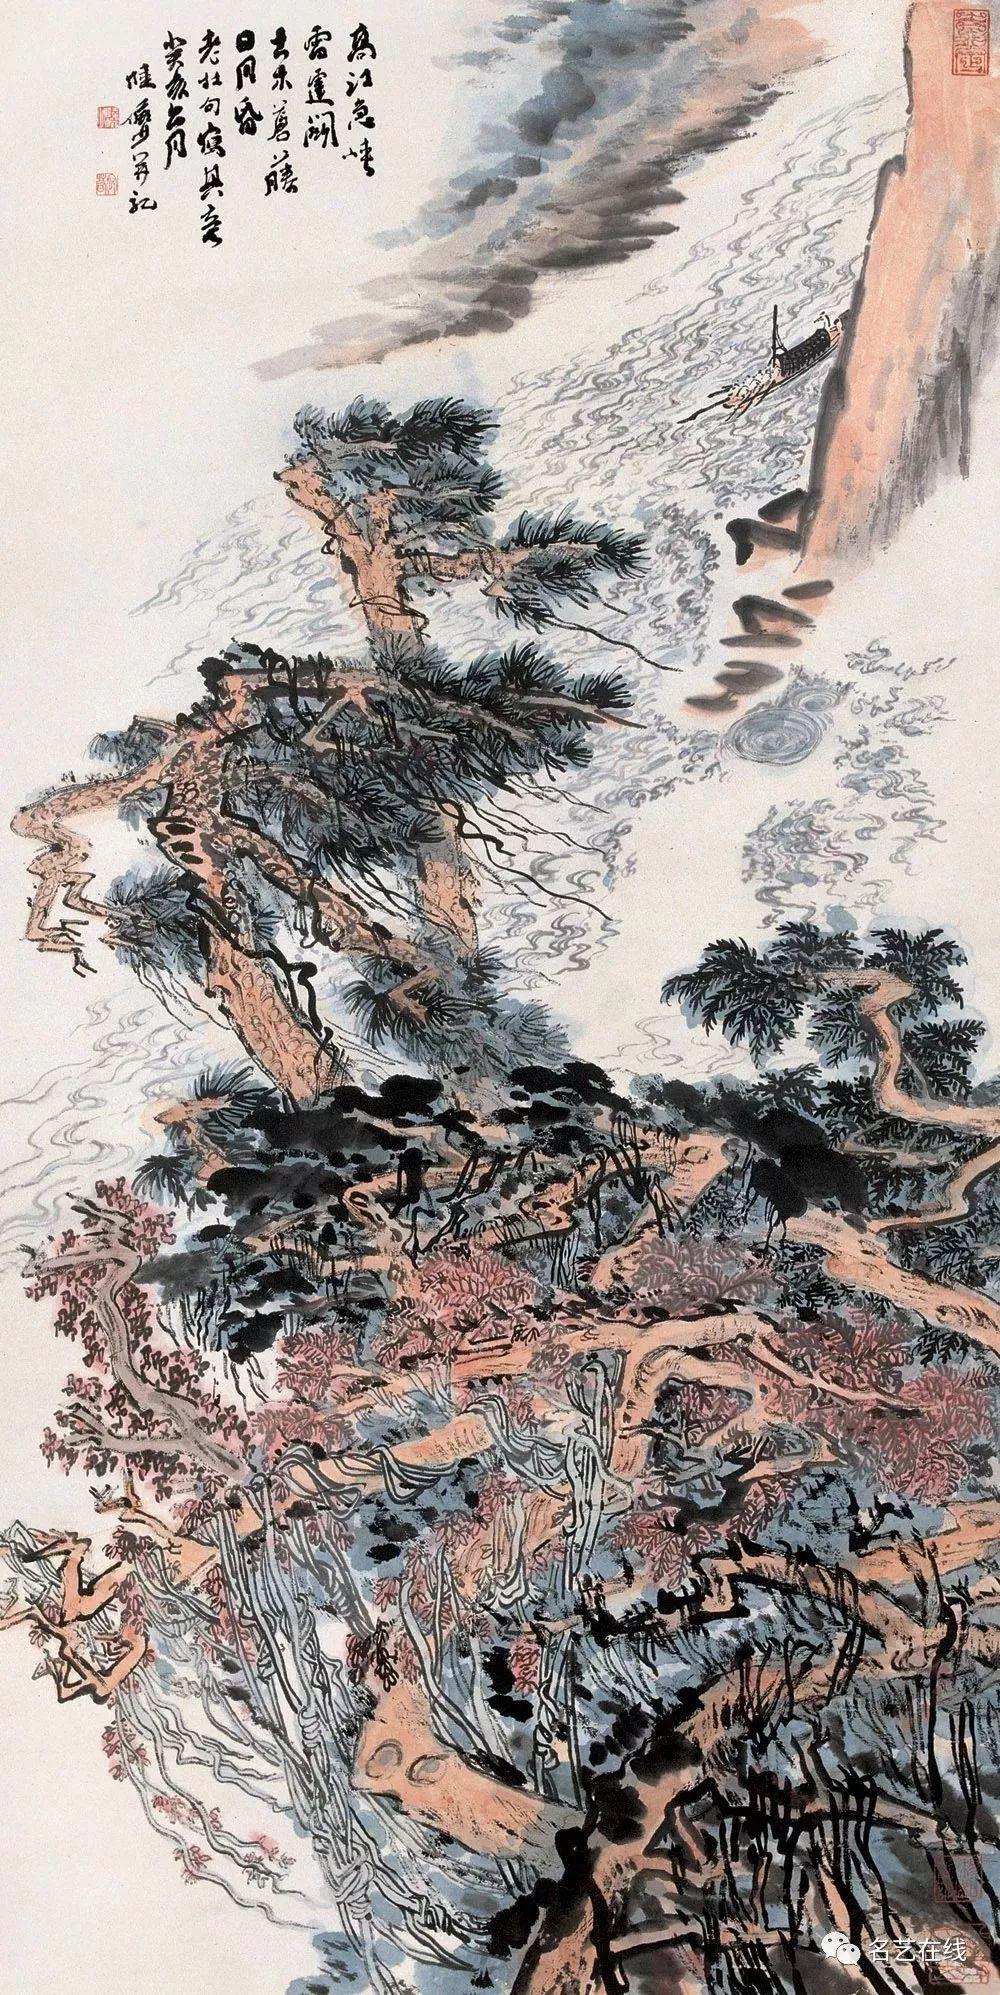 陆俨少绘画技巧 风 雪 雨 雾的画法